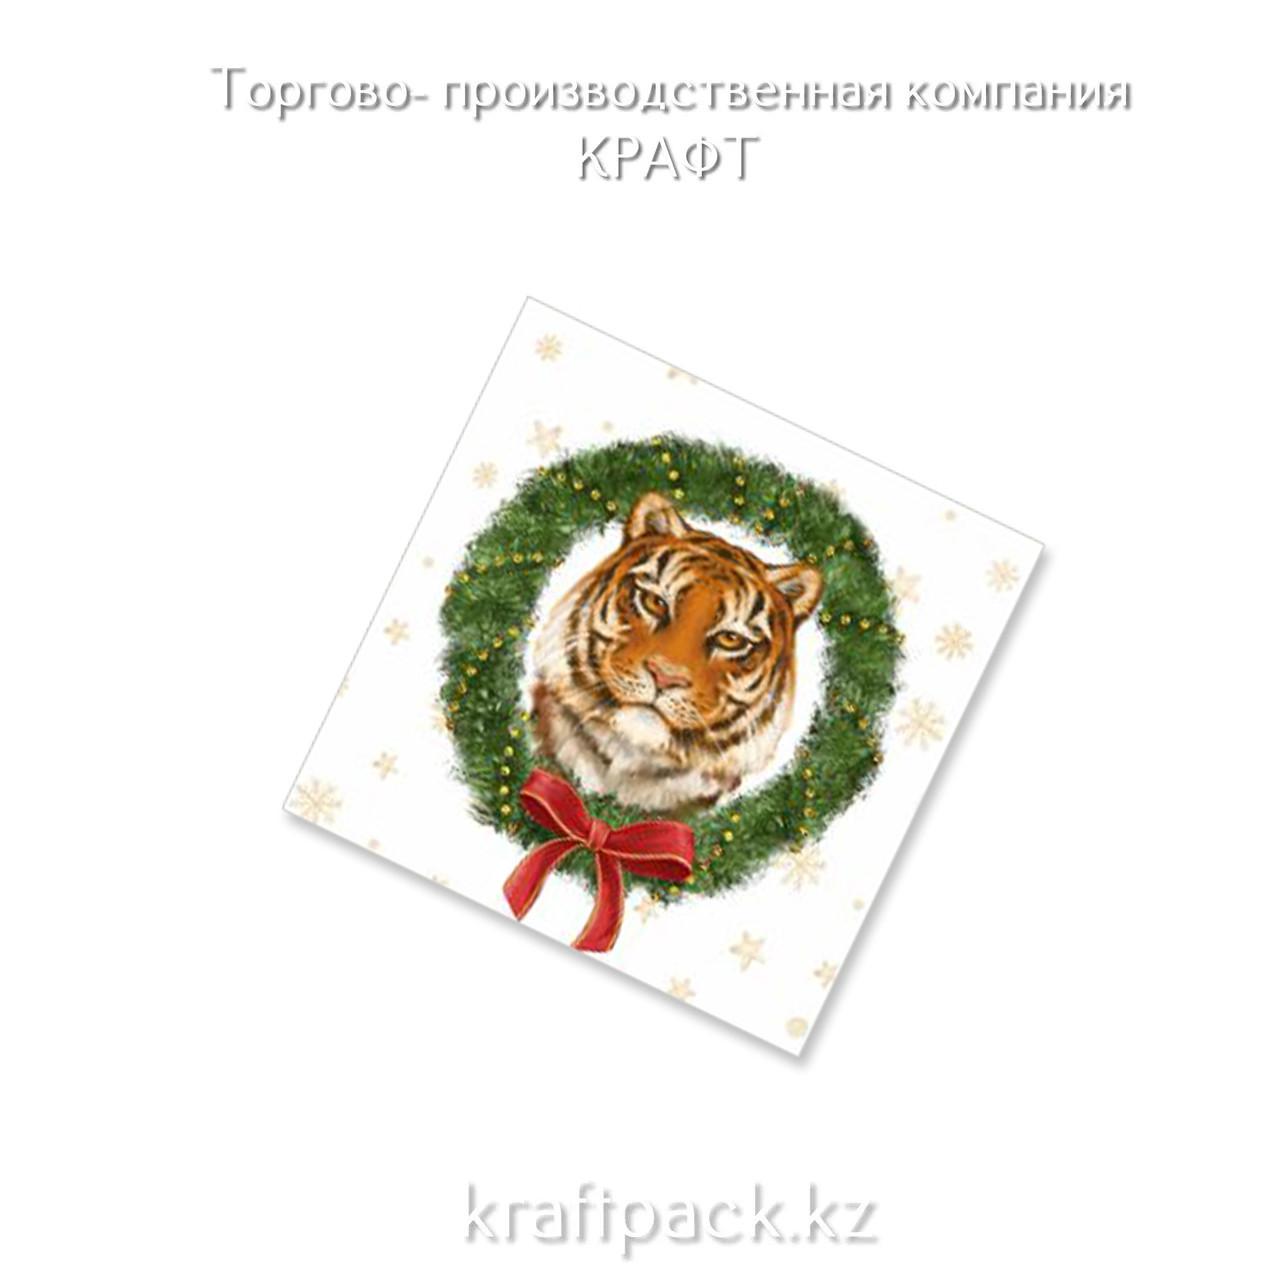 """Салфетки """"Год тигра"""" 33*33 (20 шт/уп - 12 уп/кор)"""